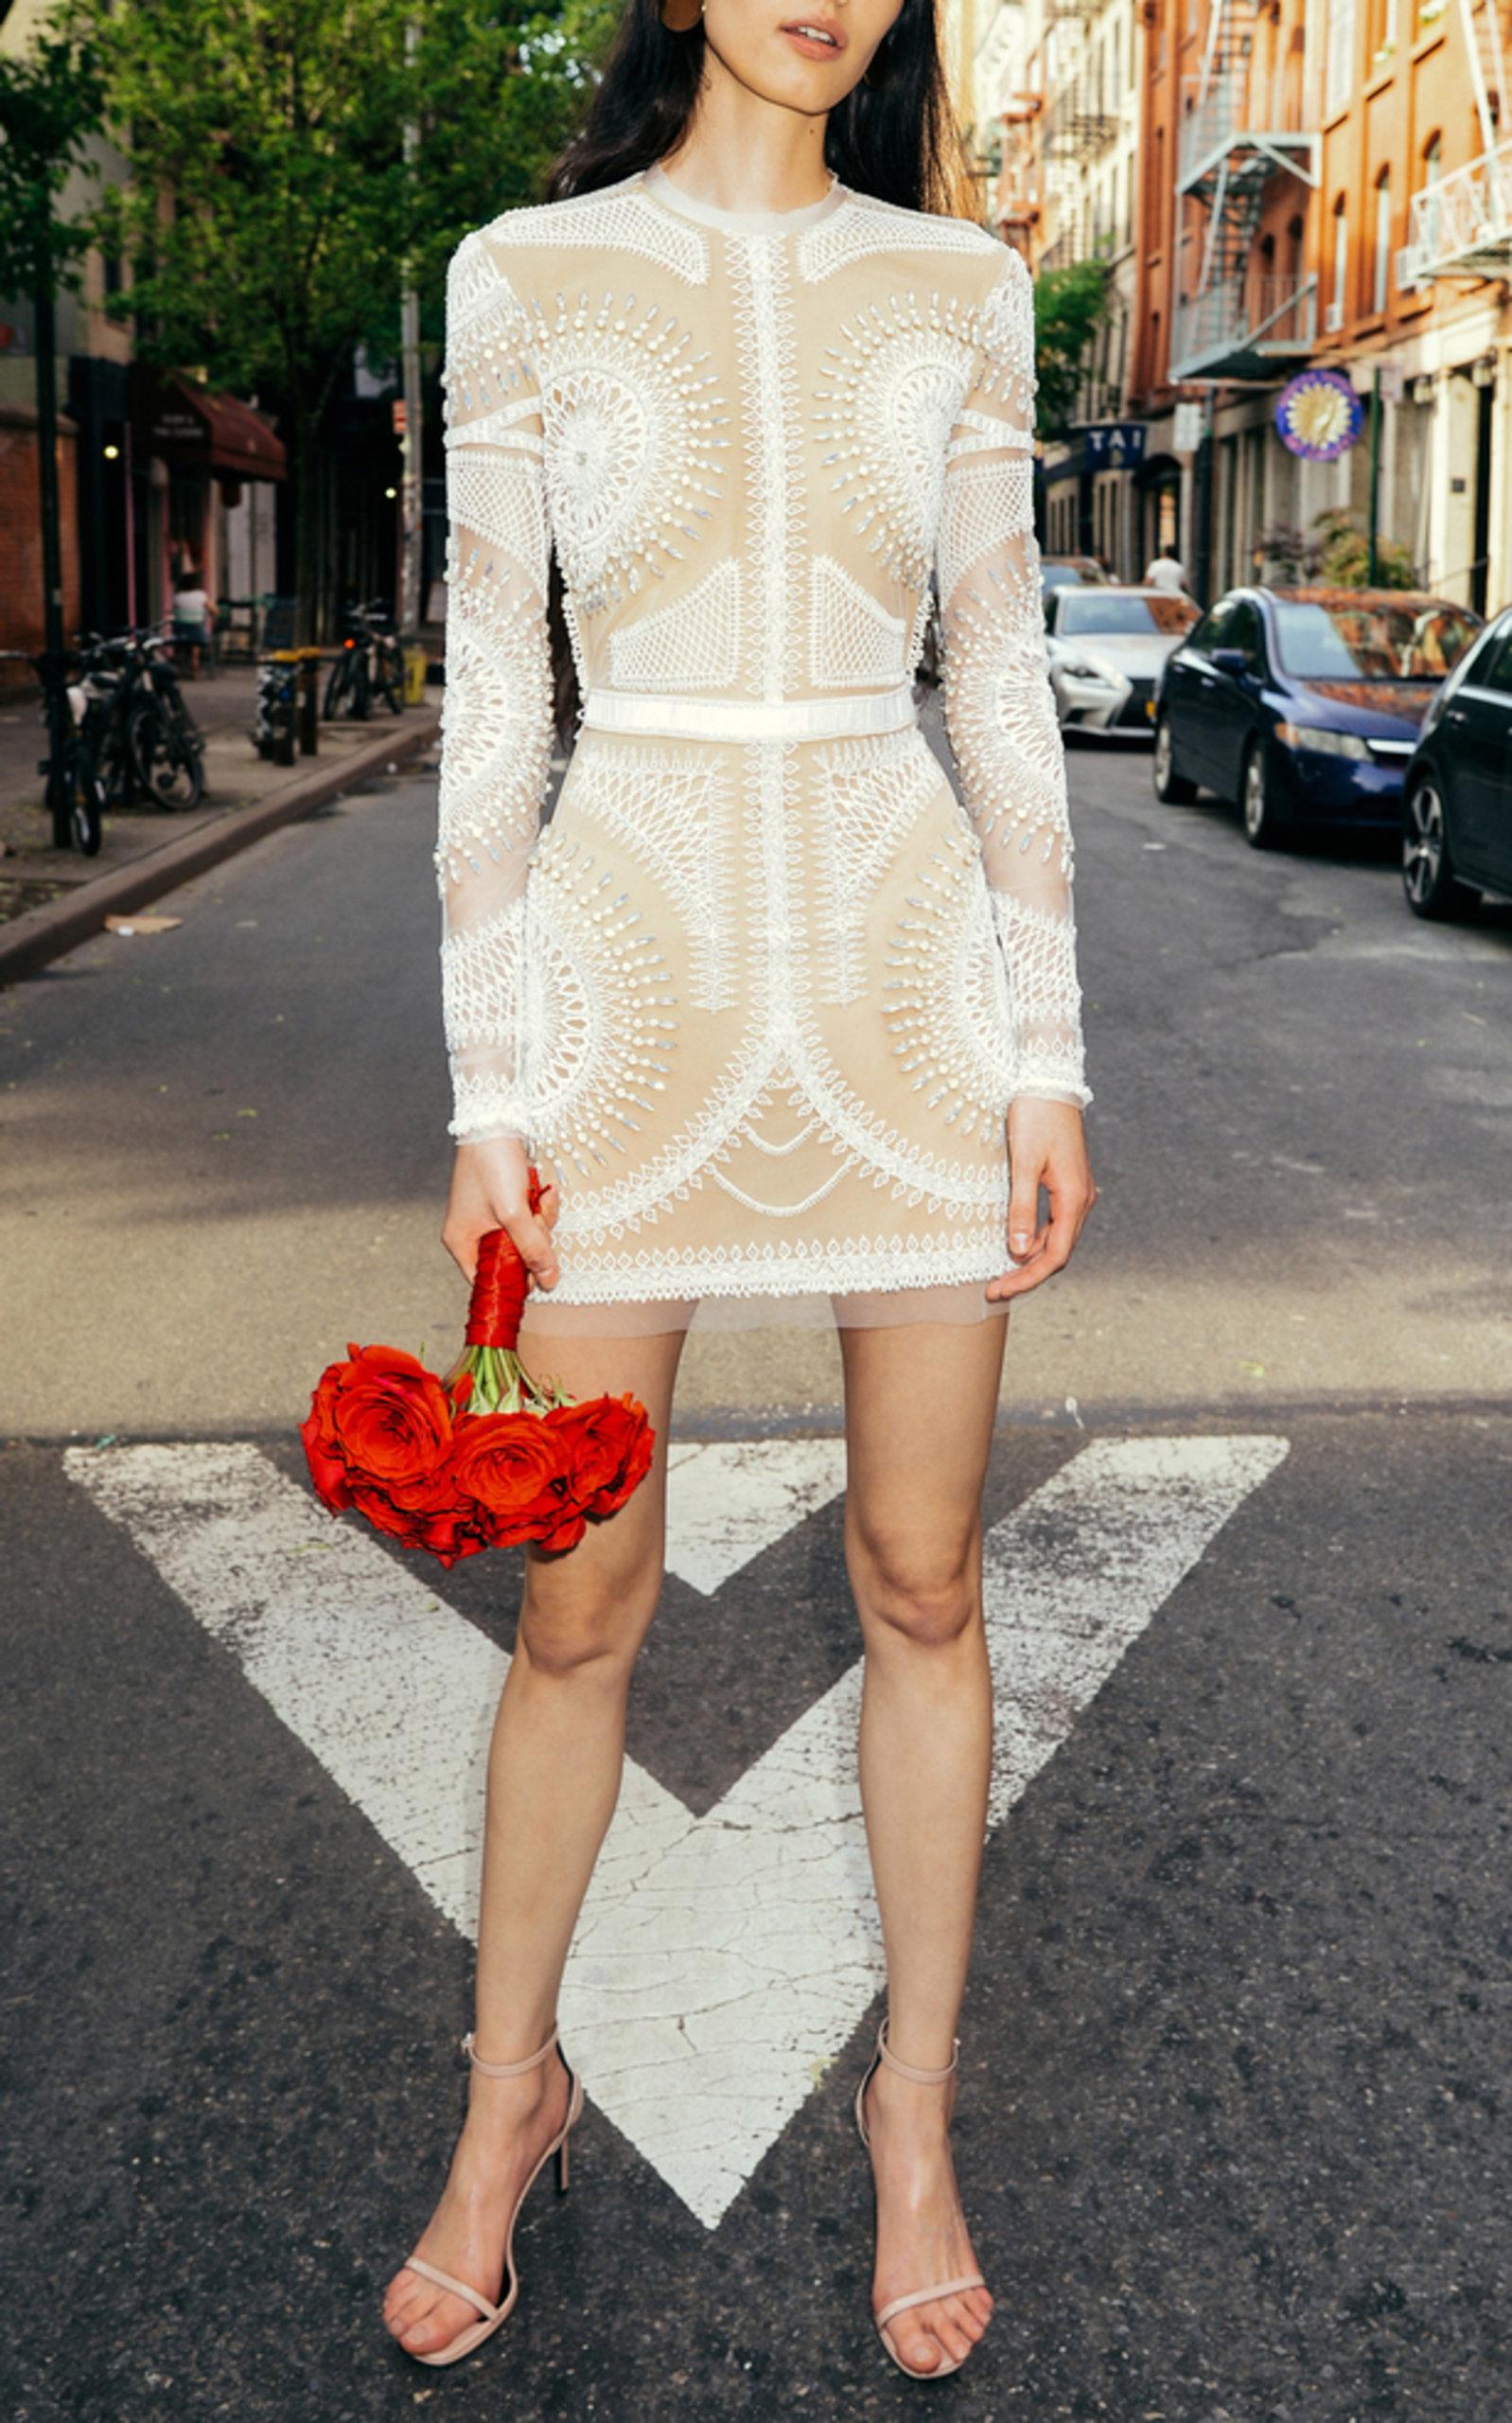 CUCCULELLI SHAHEEN SOLAR SHADOW WHITE MINI DRESS